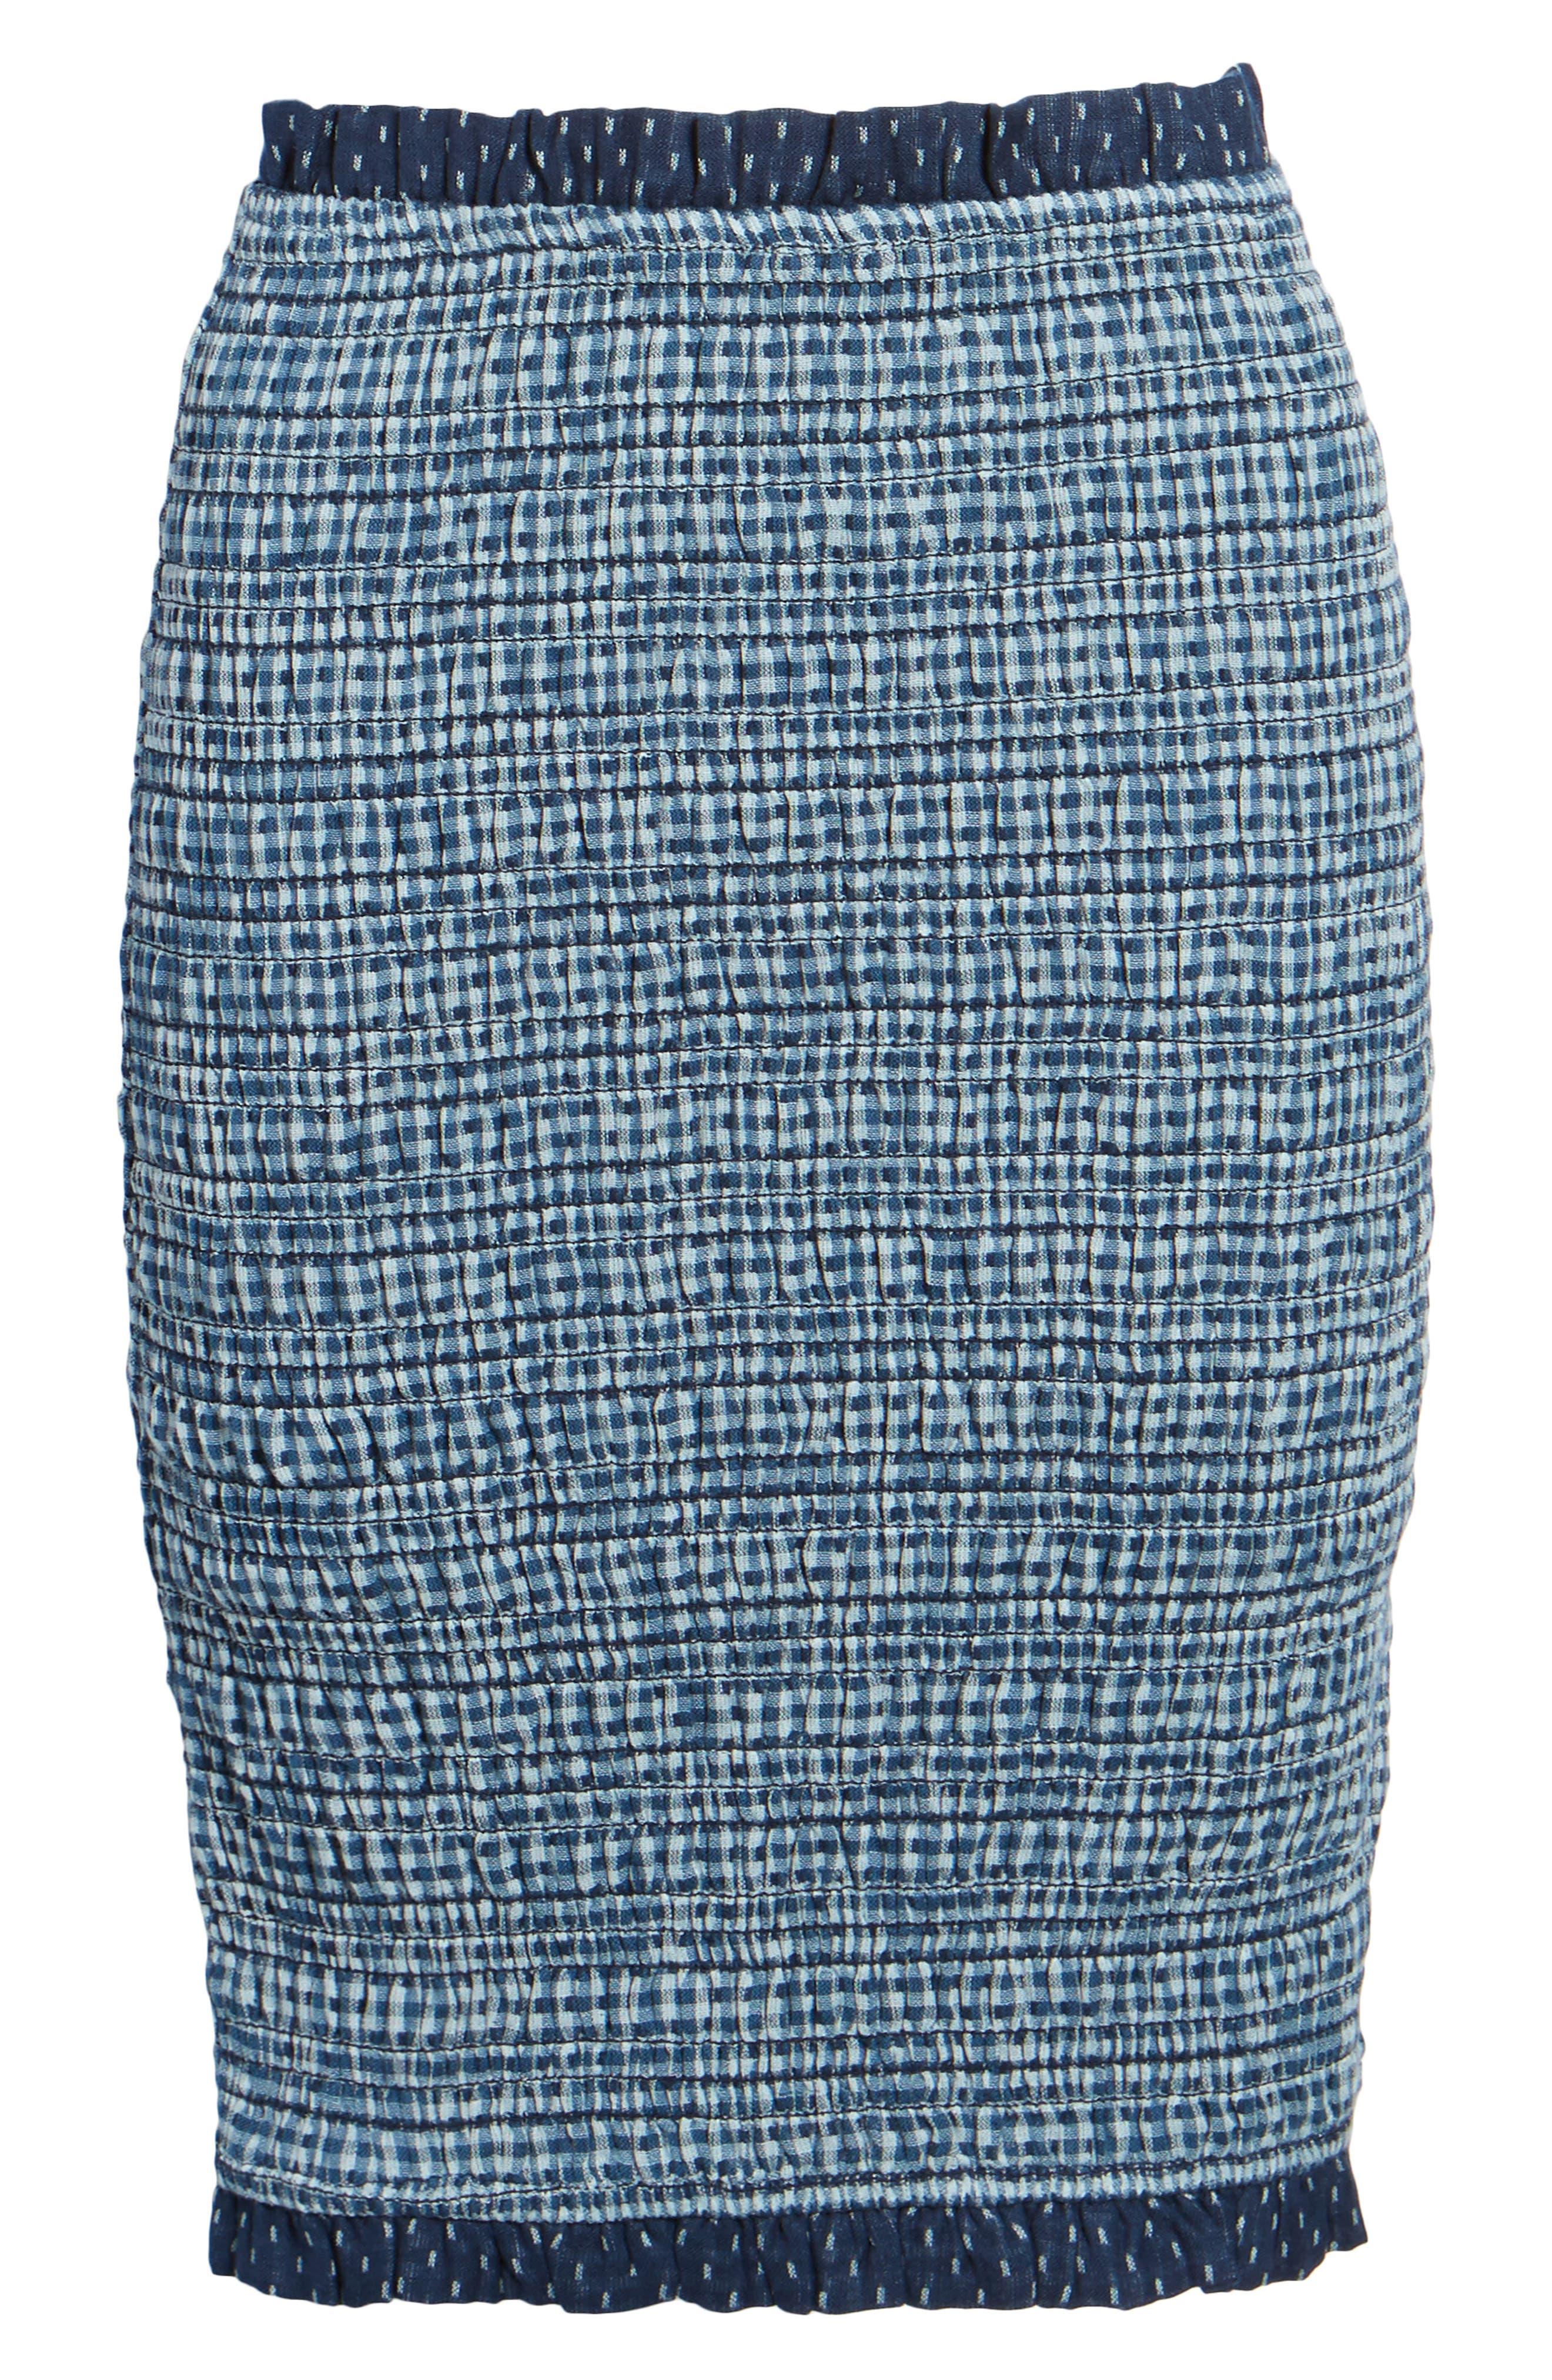 Kylie Smocked Skirt,                             Alternate thumbnail 6, color,                             001